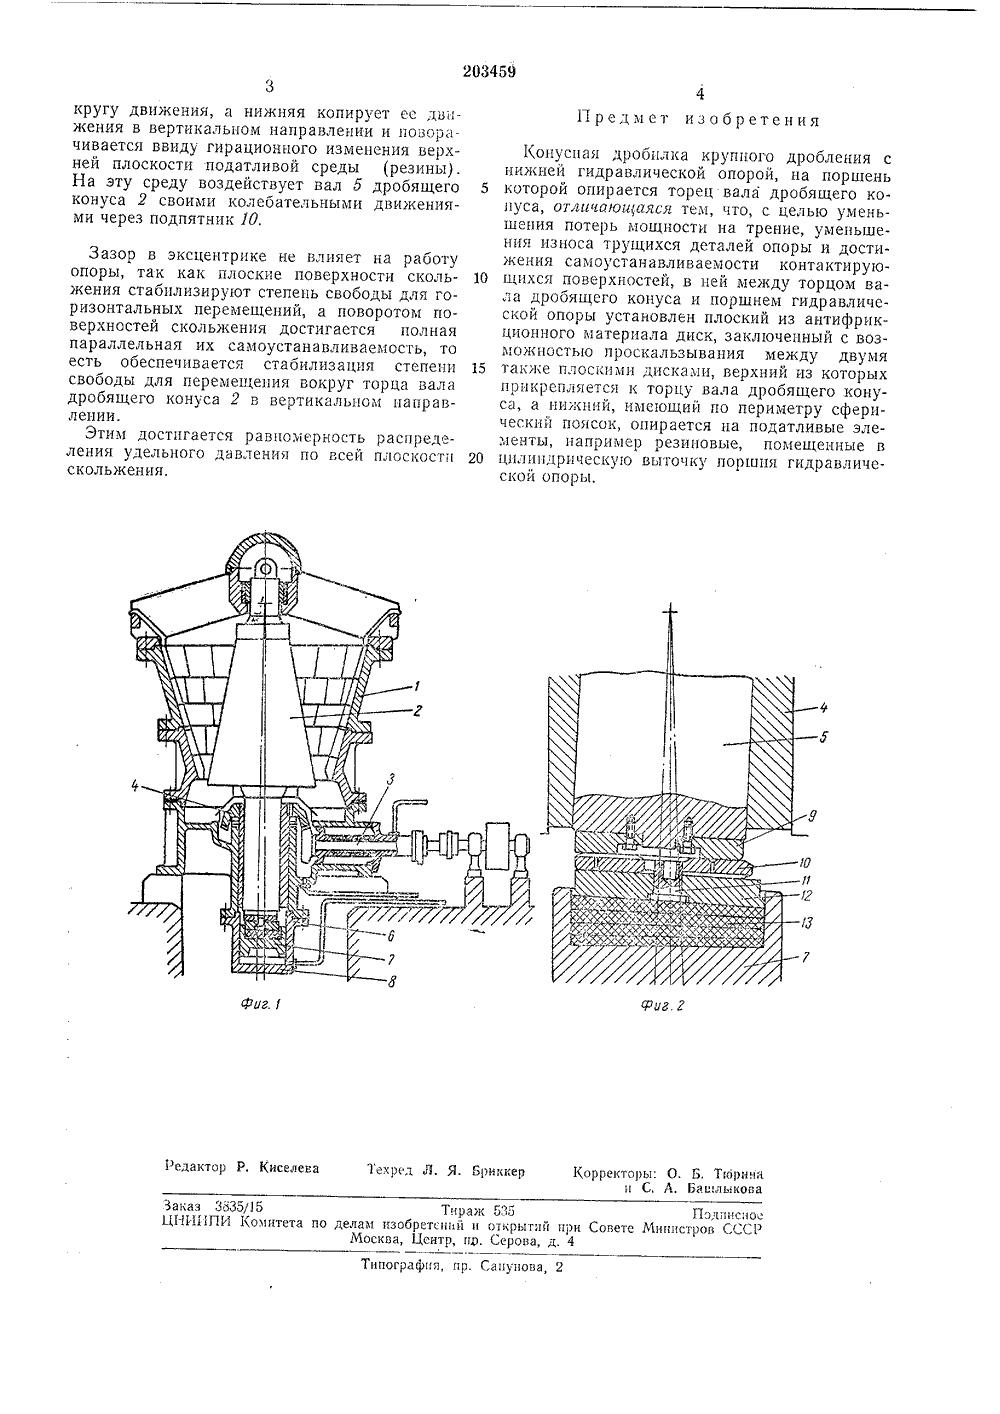 Схема конусной дробилки крупного дробления